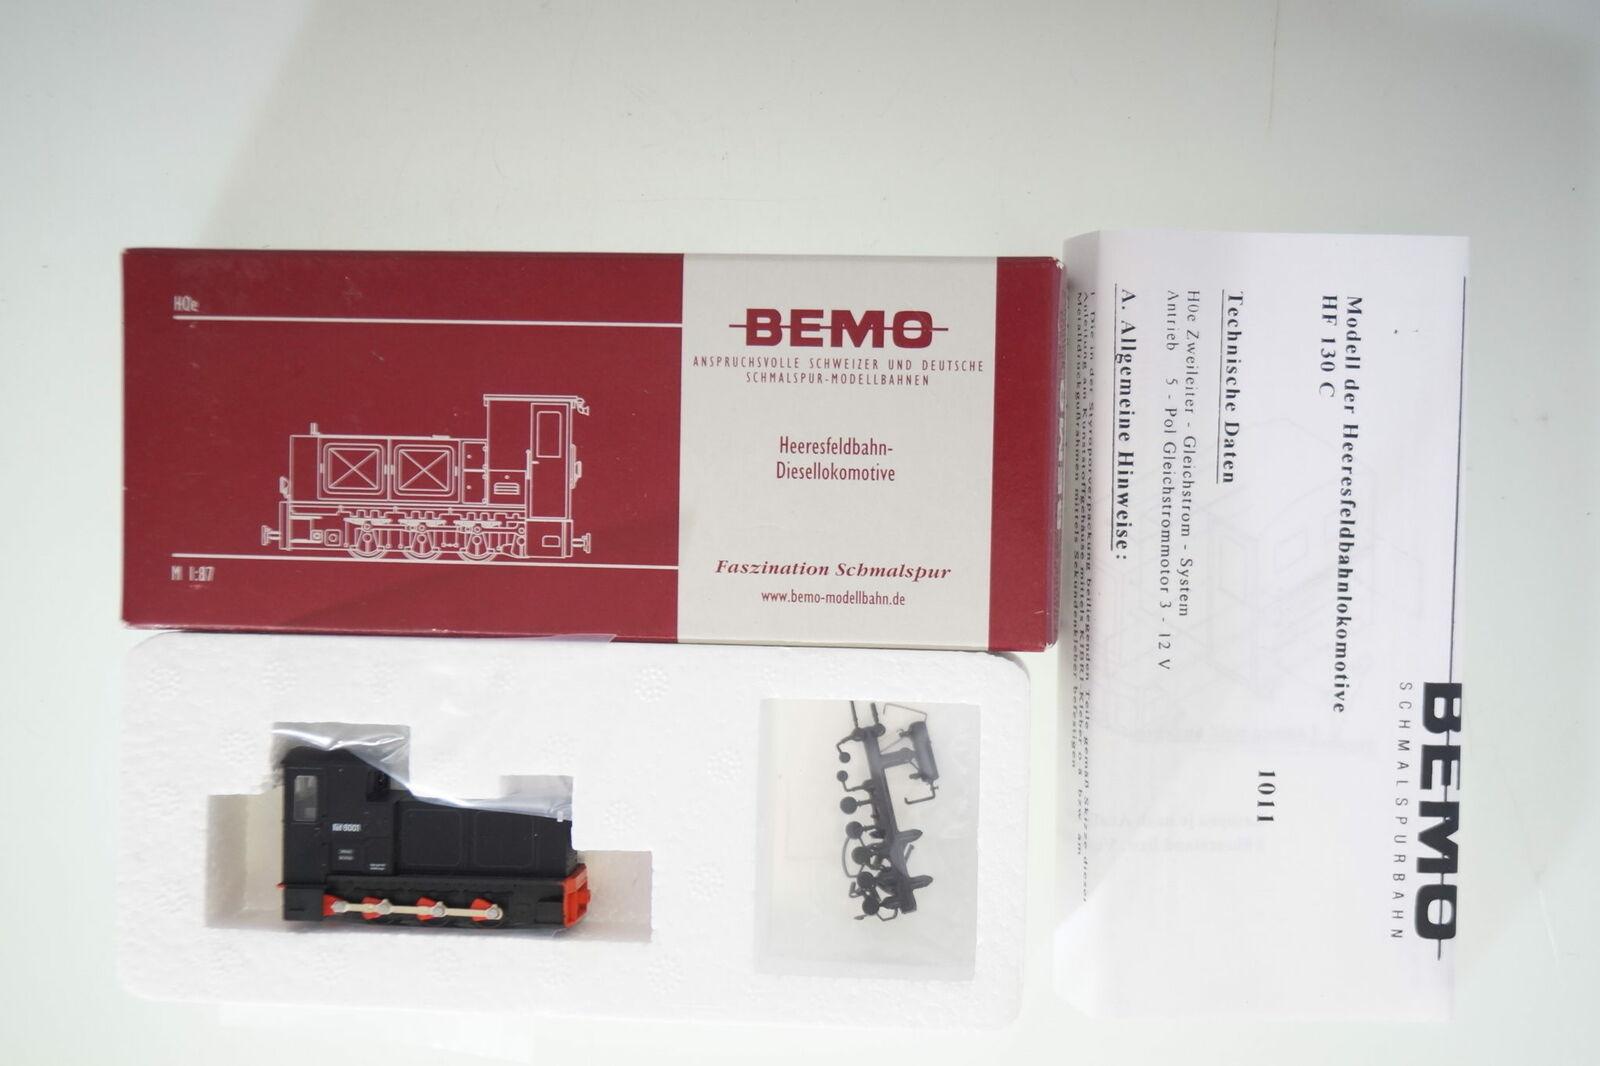 H0e Bemo 1011 854 K-f 6001 Heeresfeldbahnlok, nuevo ovp